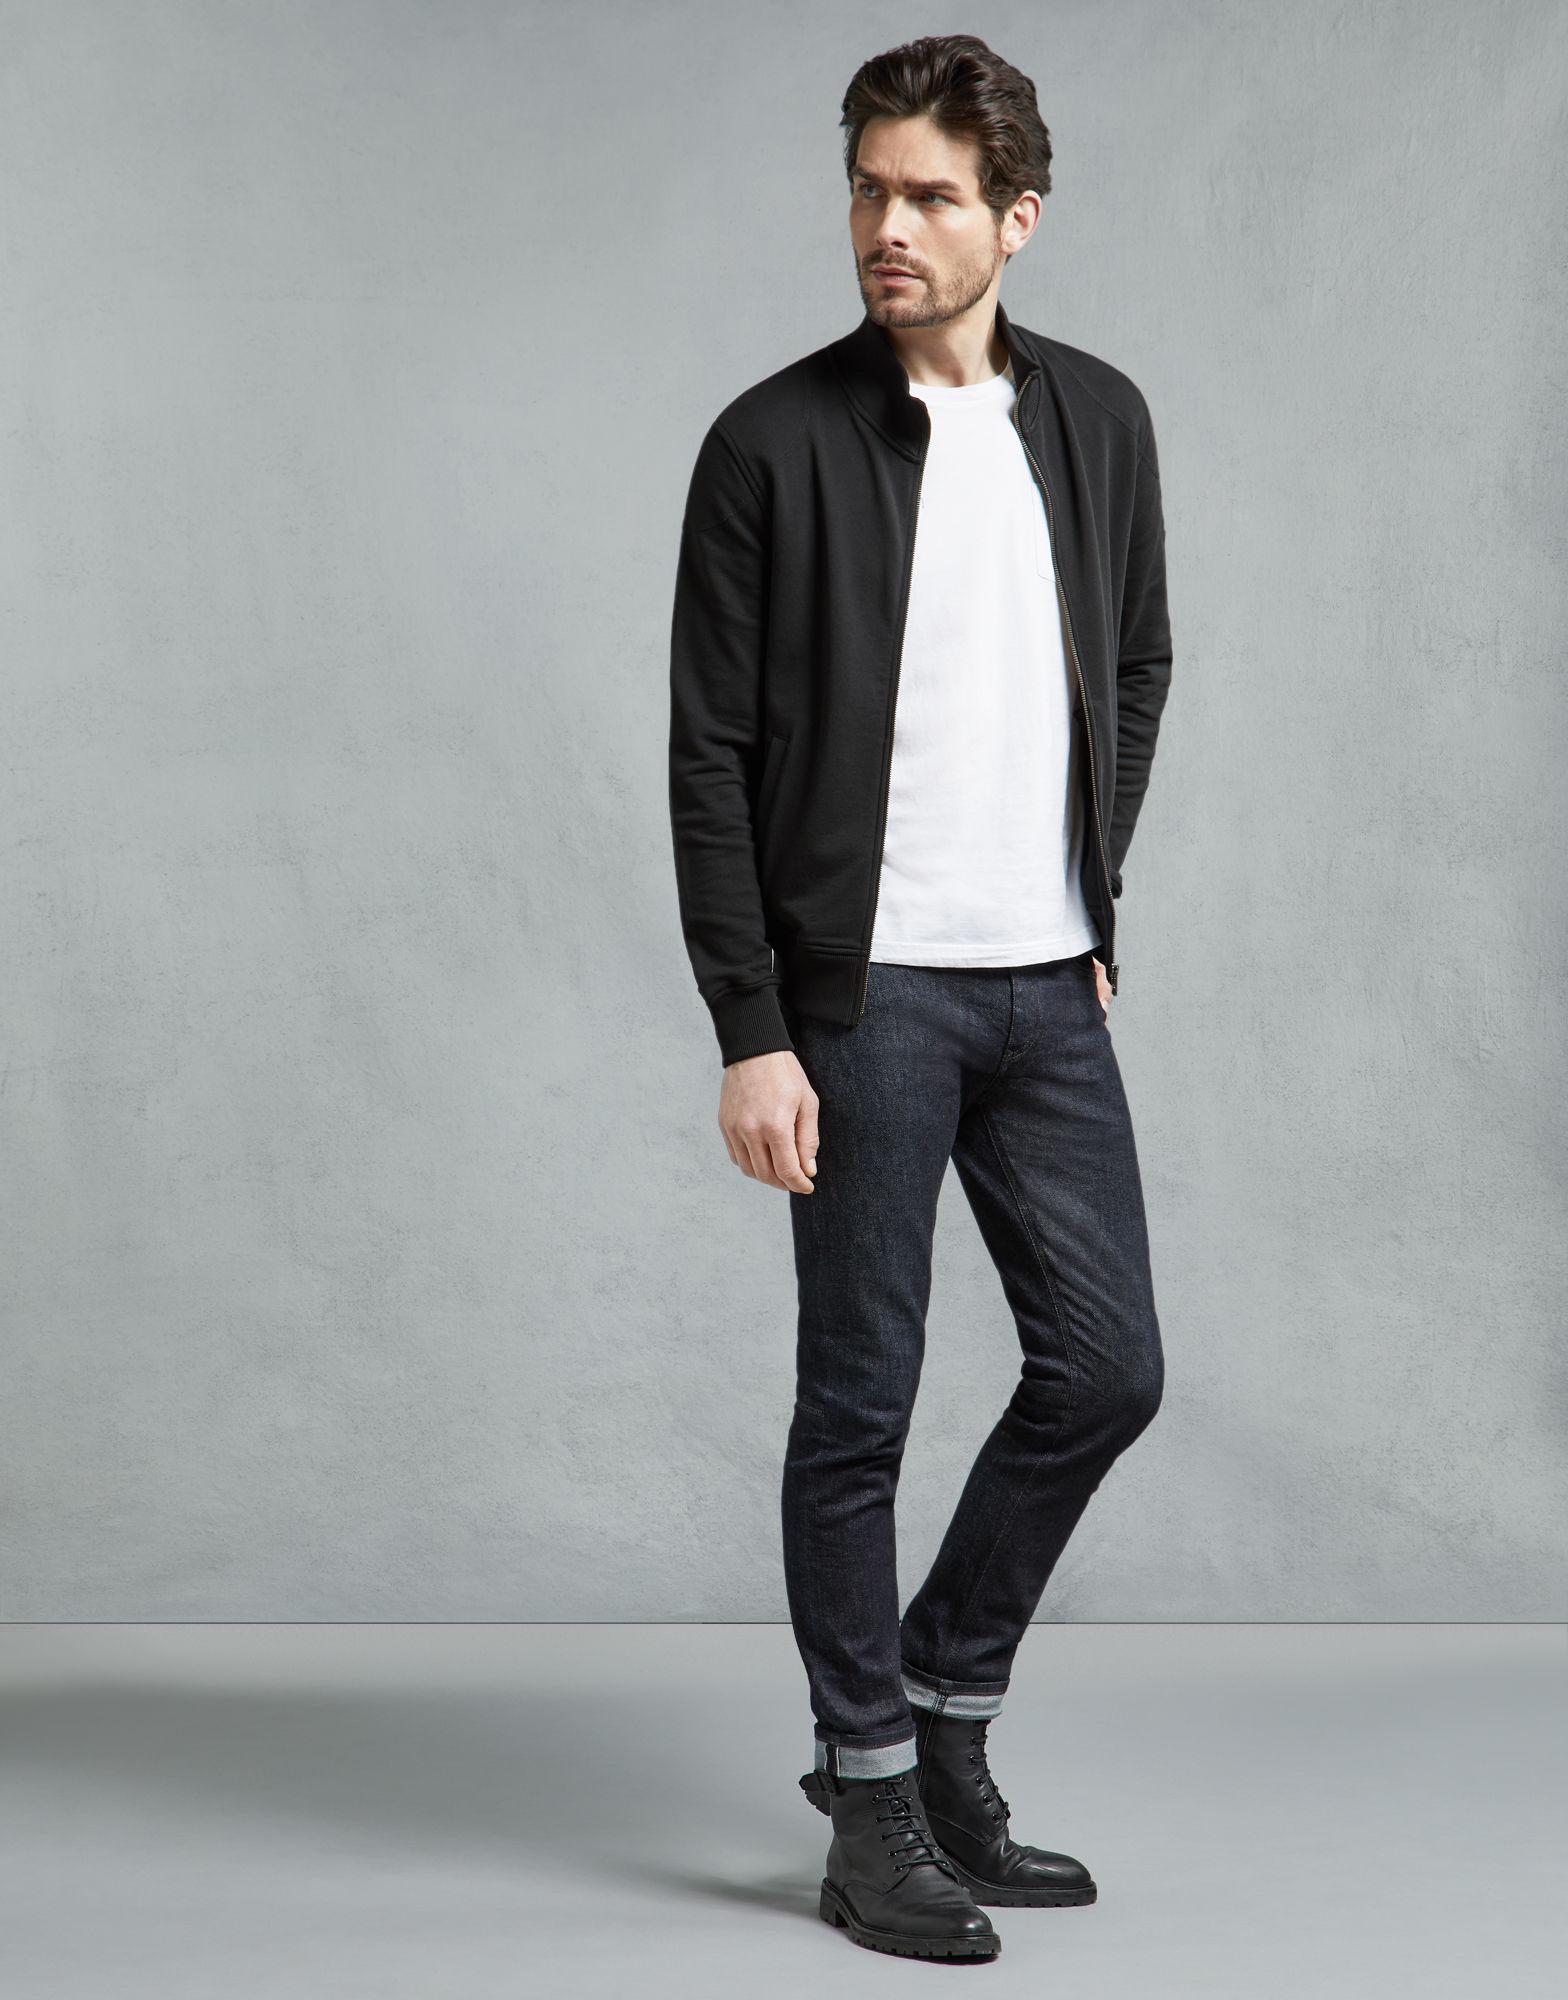 d7ad79672e50 Lyst - Belstaff Staplefield Zipped Sweatshirt in Black for Men